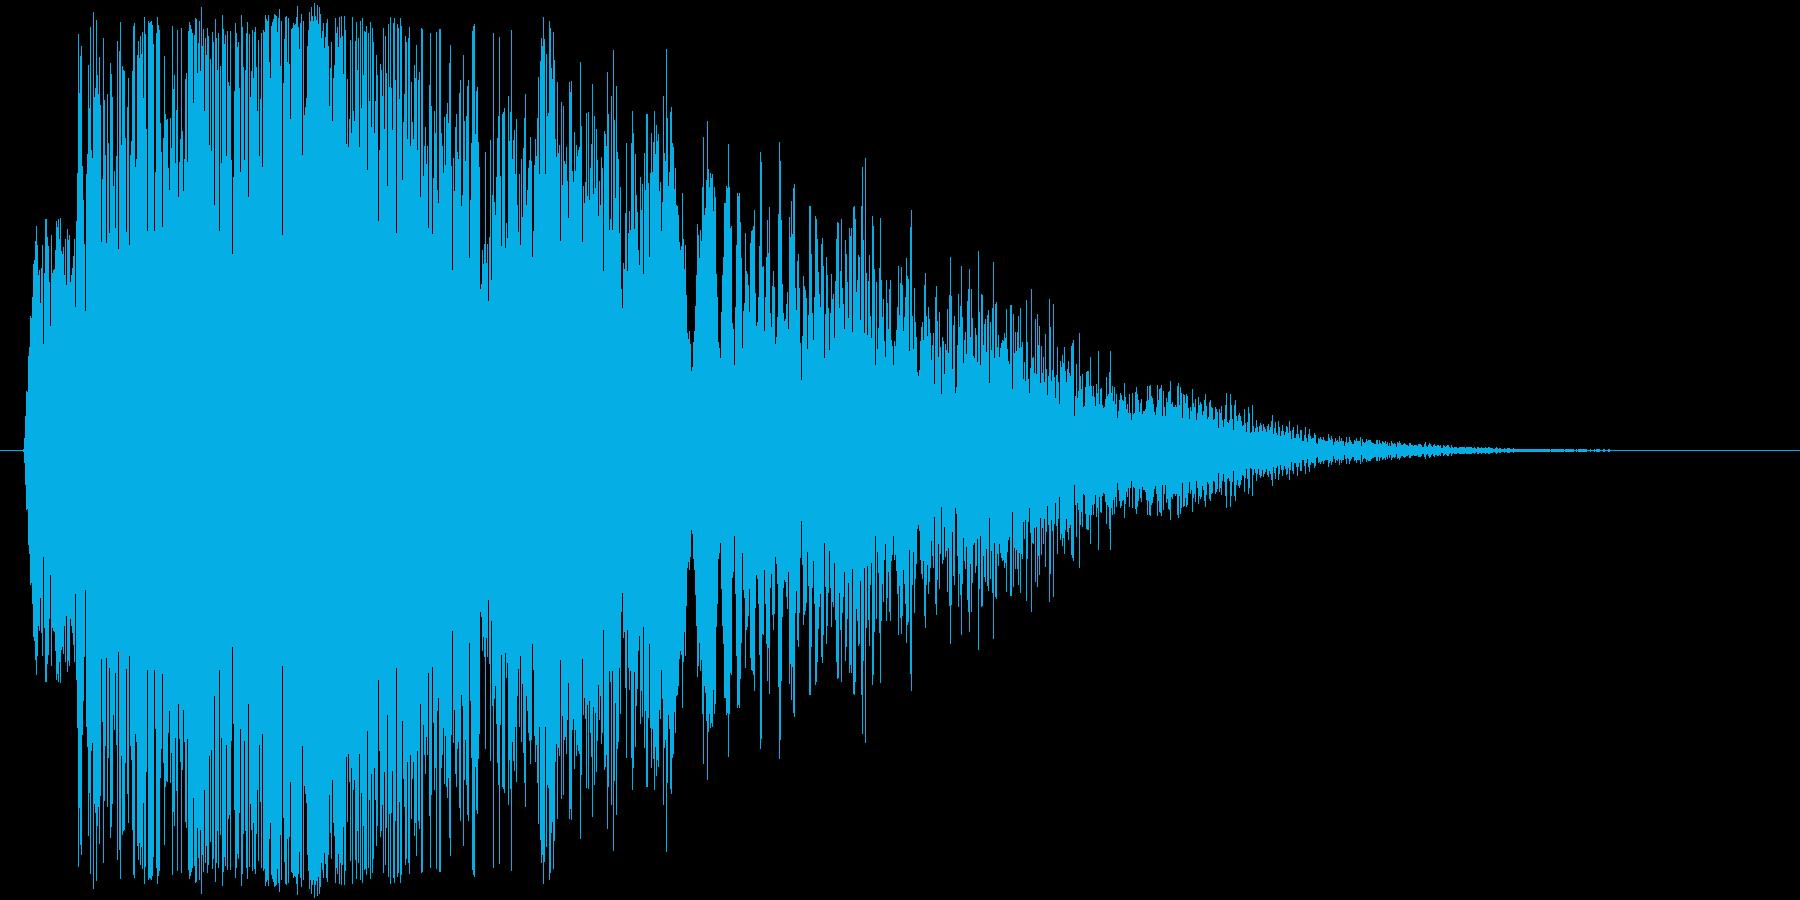 【ギター攻撃(強速)】ギュゥウィイイン!の再生済みの波形